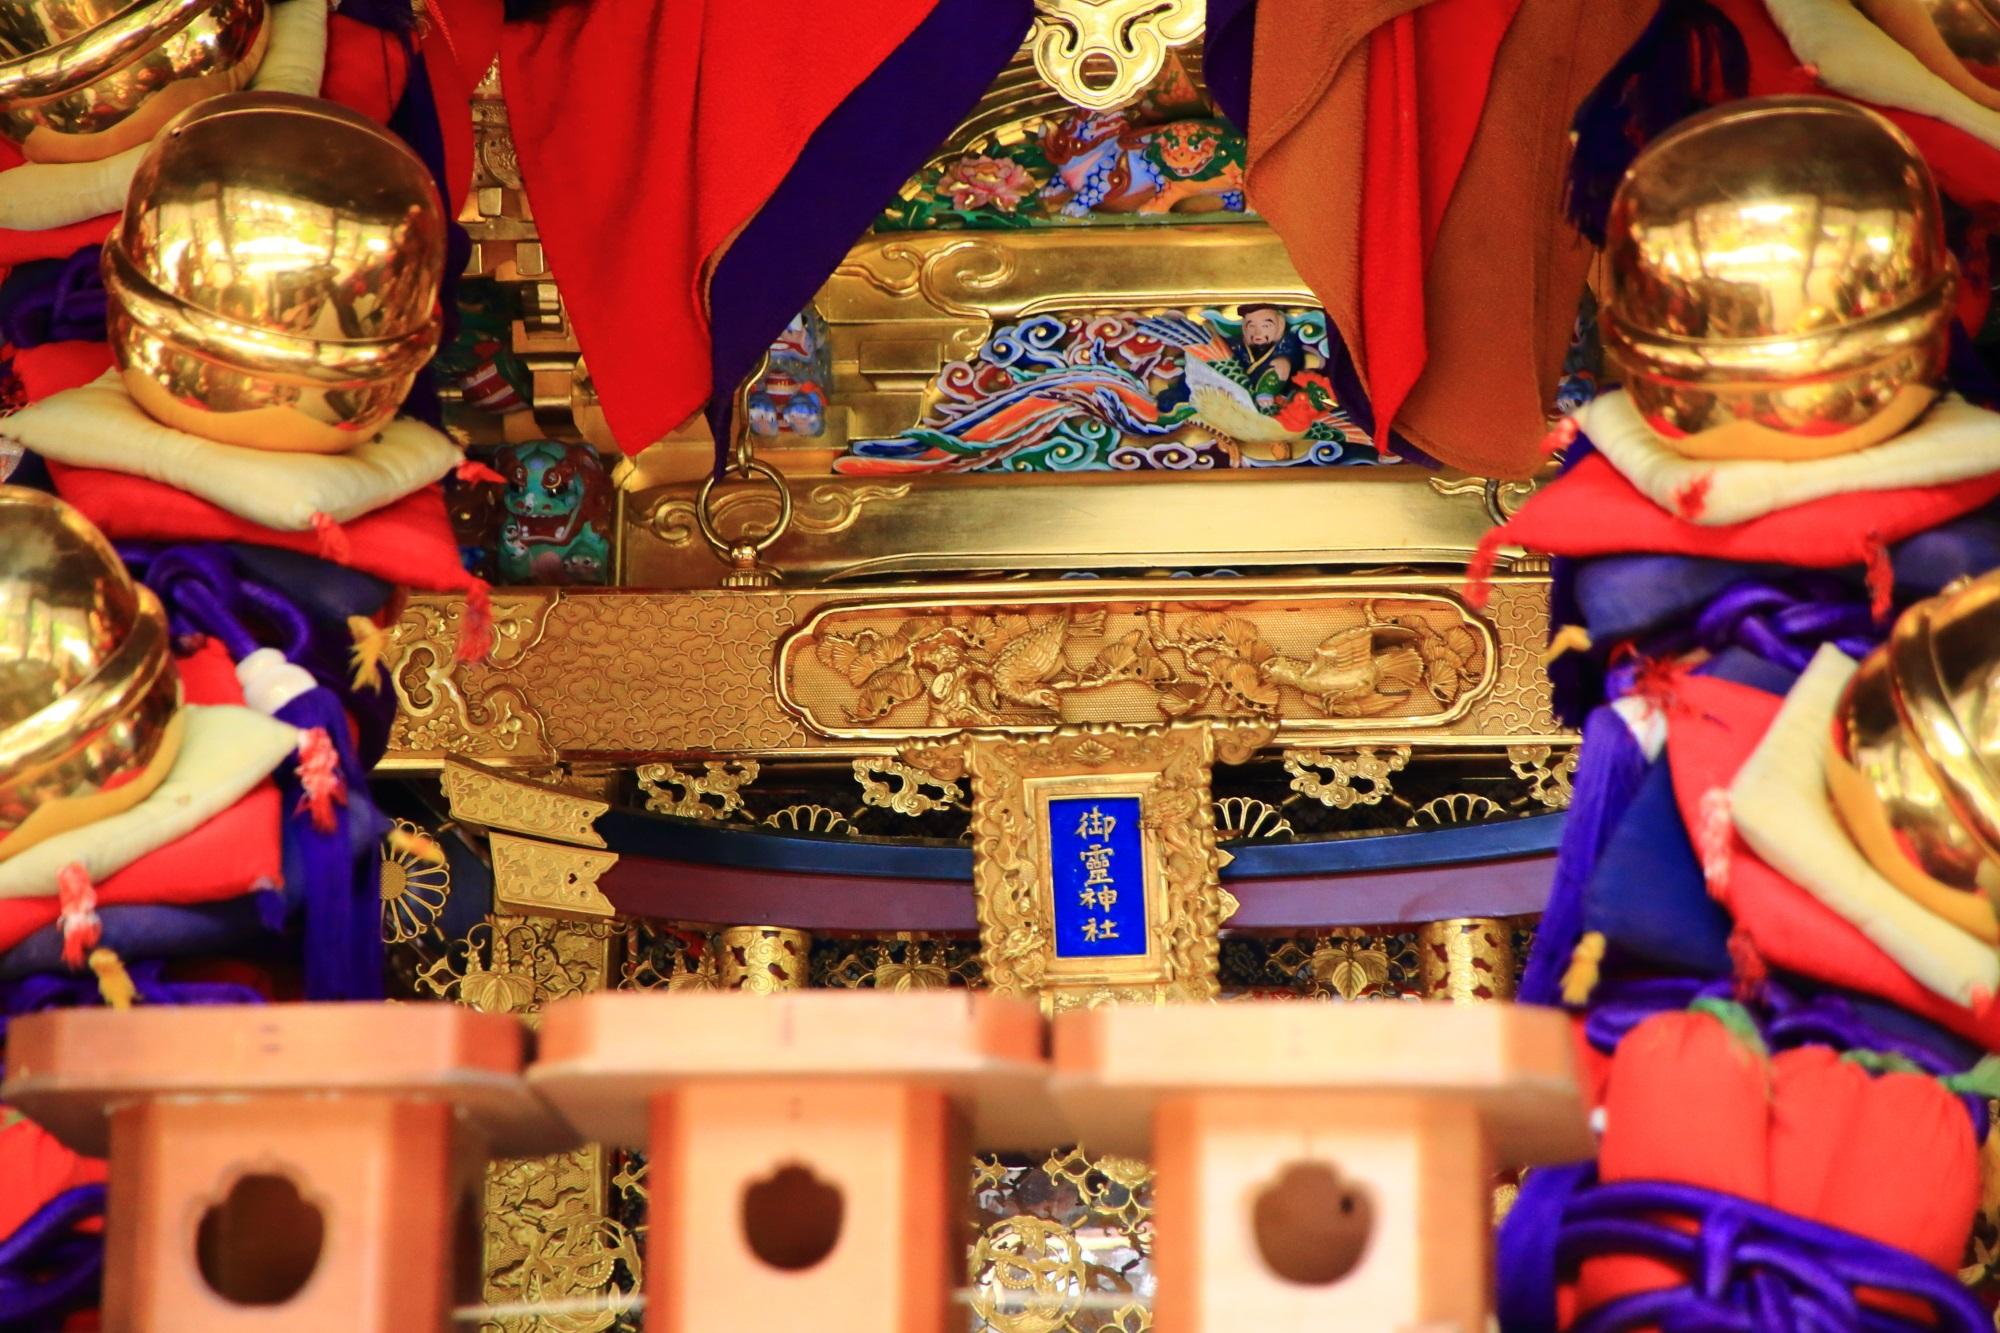 上御霊神社のお神輿の煌びやかで豪華な装飾